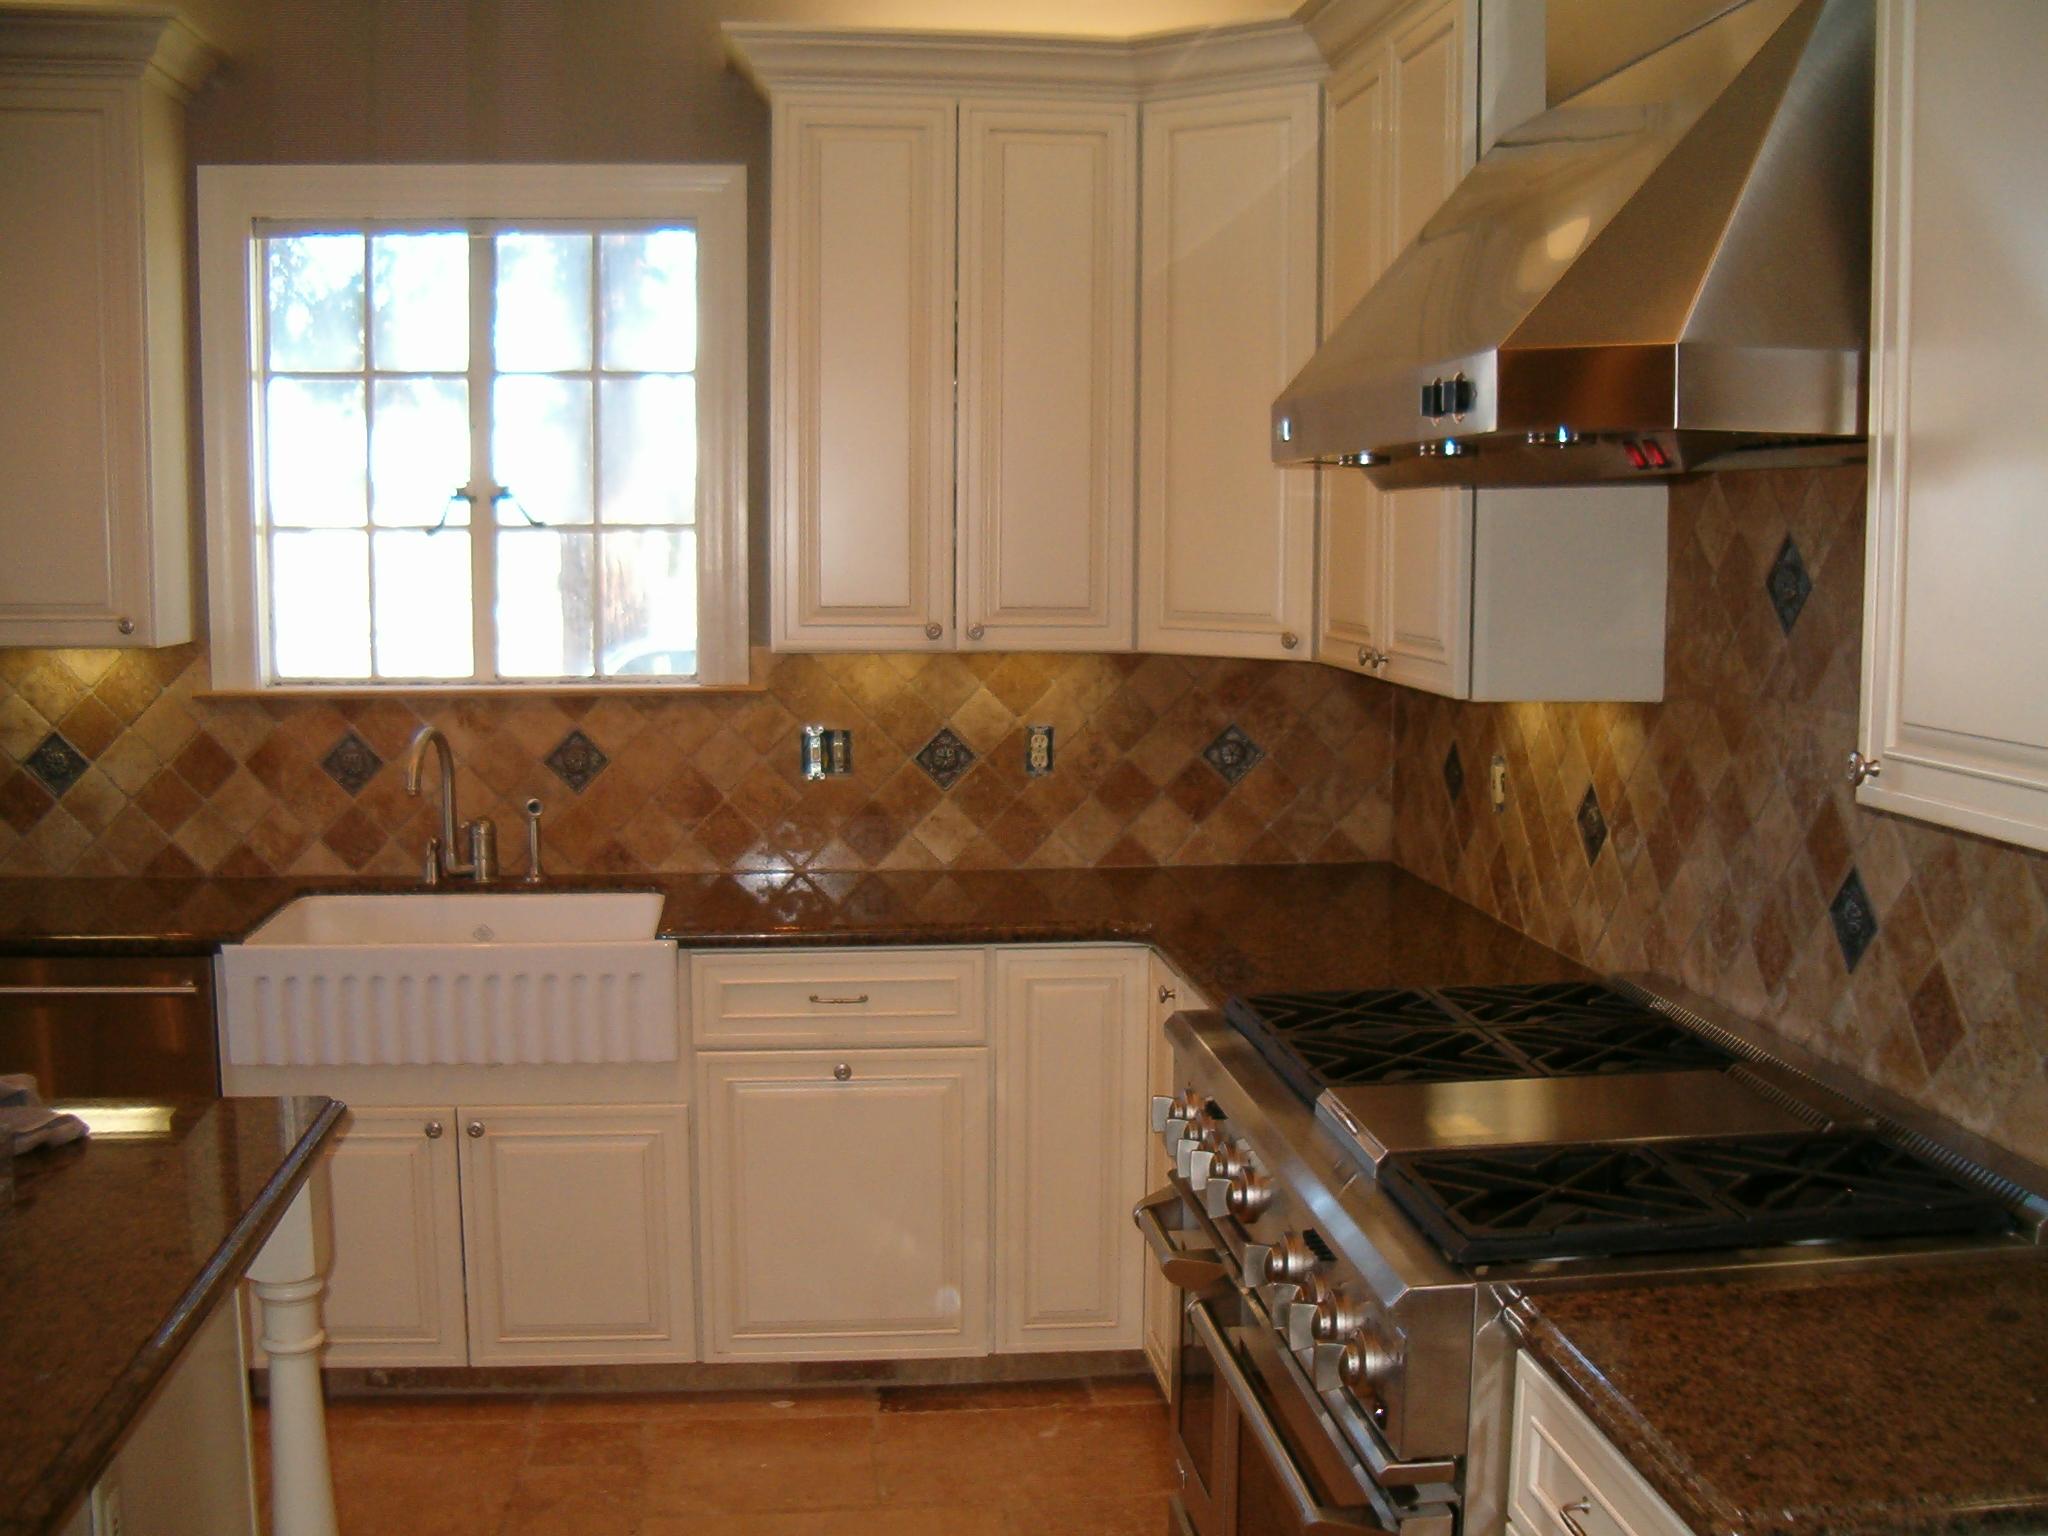 12x12 for kitchen designs 12x9 kitchen design 10x6 for 12x12 kitchen layout